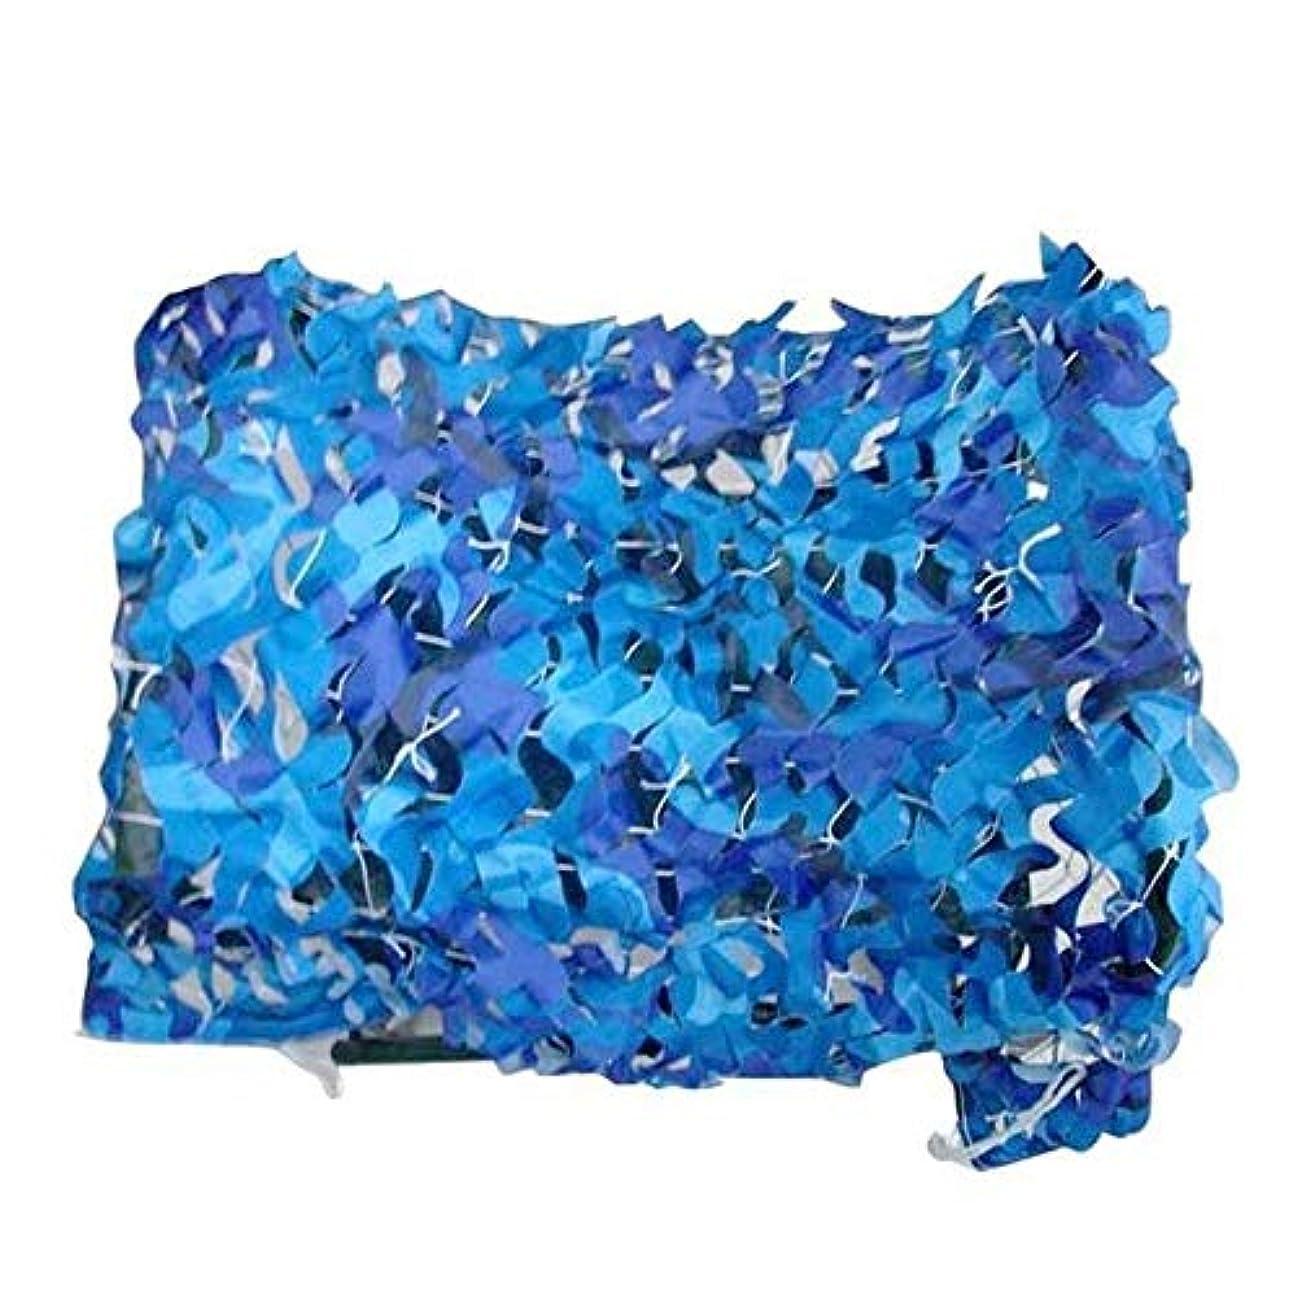 一目覗く売るZHANWEI オーニング シェード遮光ネット 海洋 迷彩 夏 スイミングプール 日焼け止め、 130g /㎡ カスタマイズ可能なサイズ (色 : 青, サイズ さいず : 2x3m)